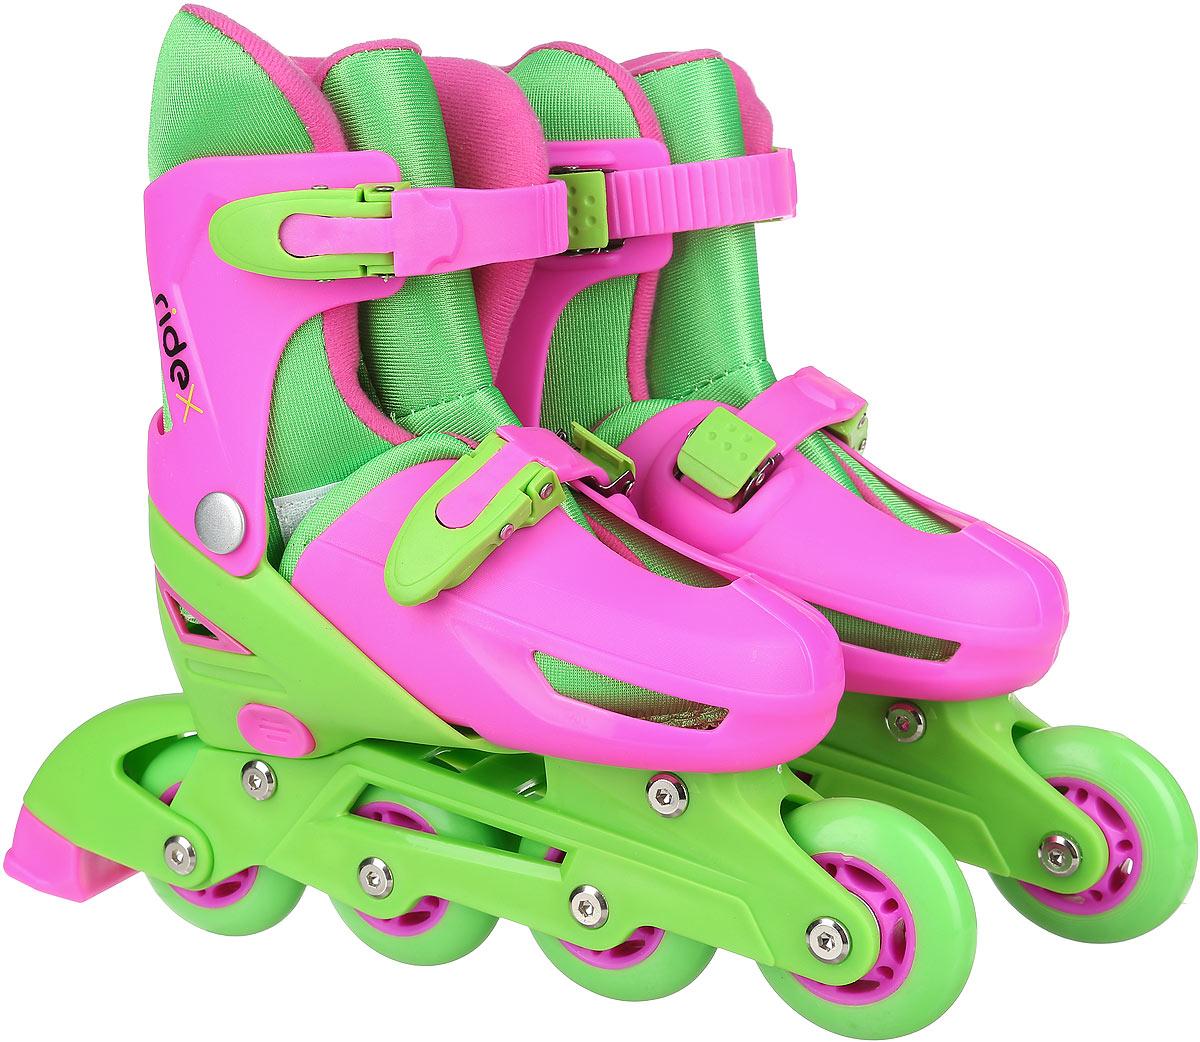 Коньки роликовые Ridex Yummy, раздвижные, цвет: салатовый, фуксия. УТ-00008210. Размер 31/34